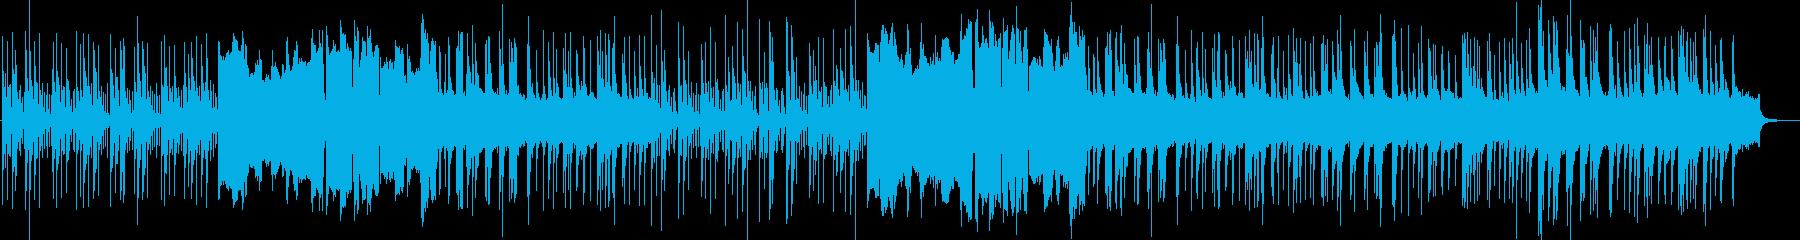 スローテンポな琴と篳篥による幻想的な曲の再生済みの波形